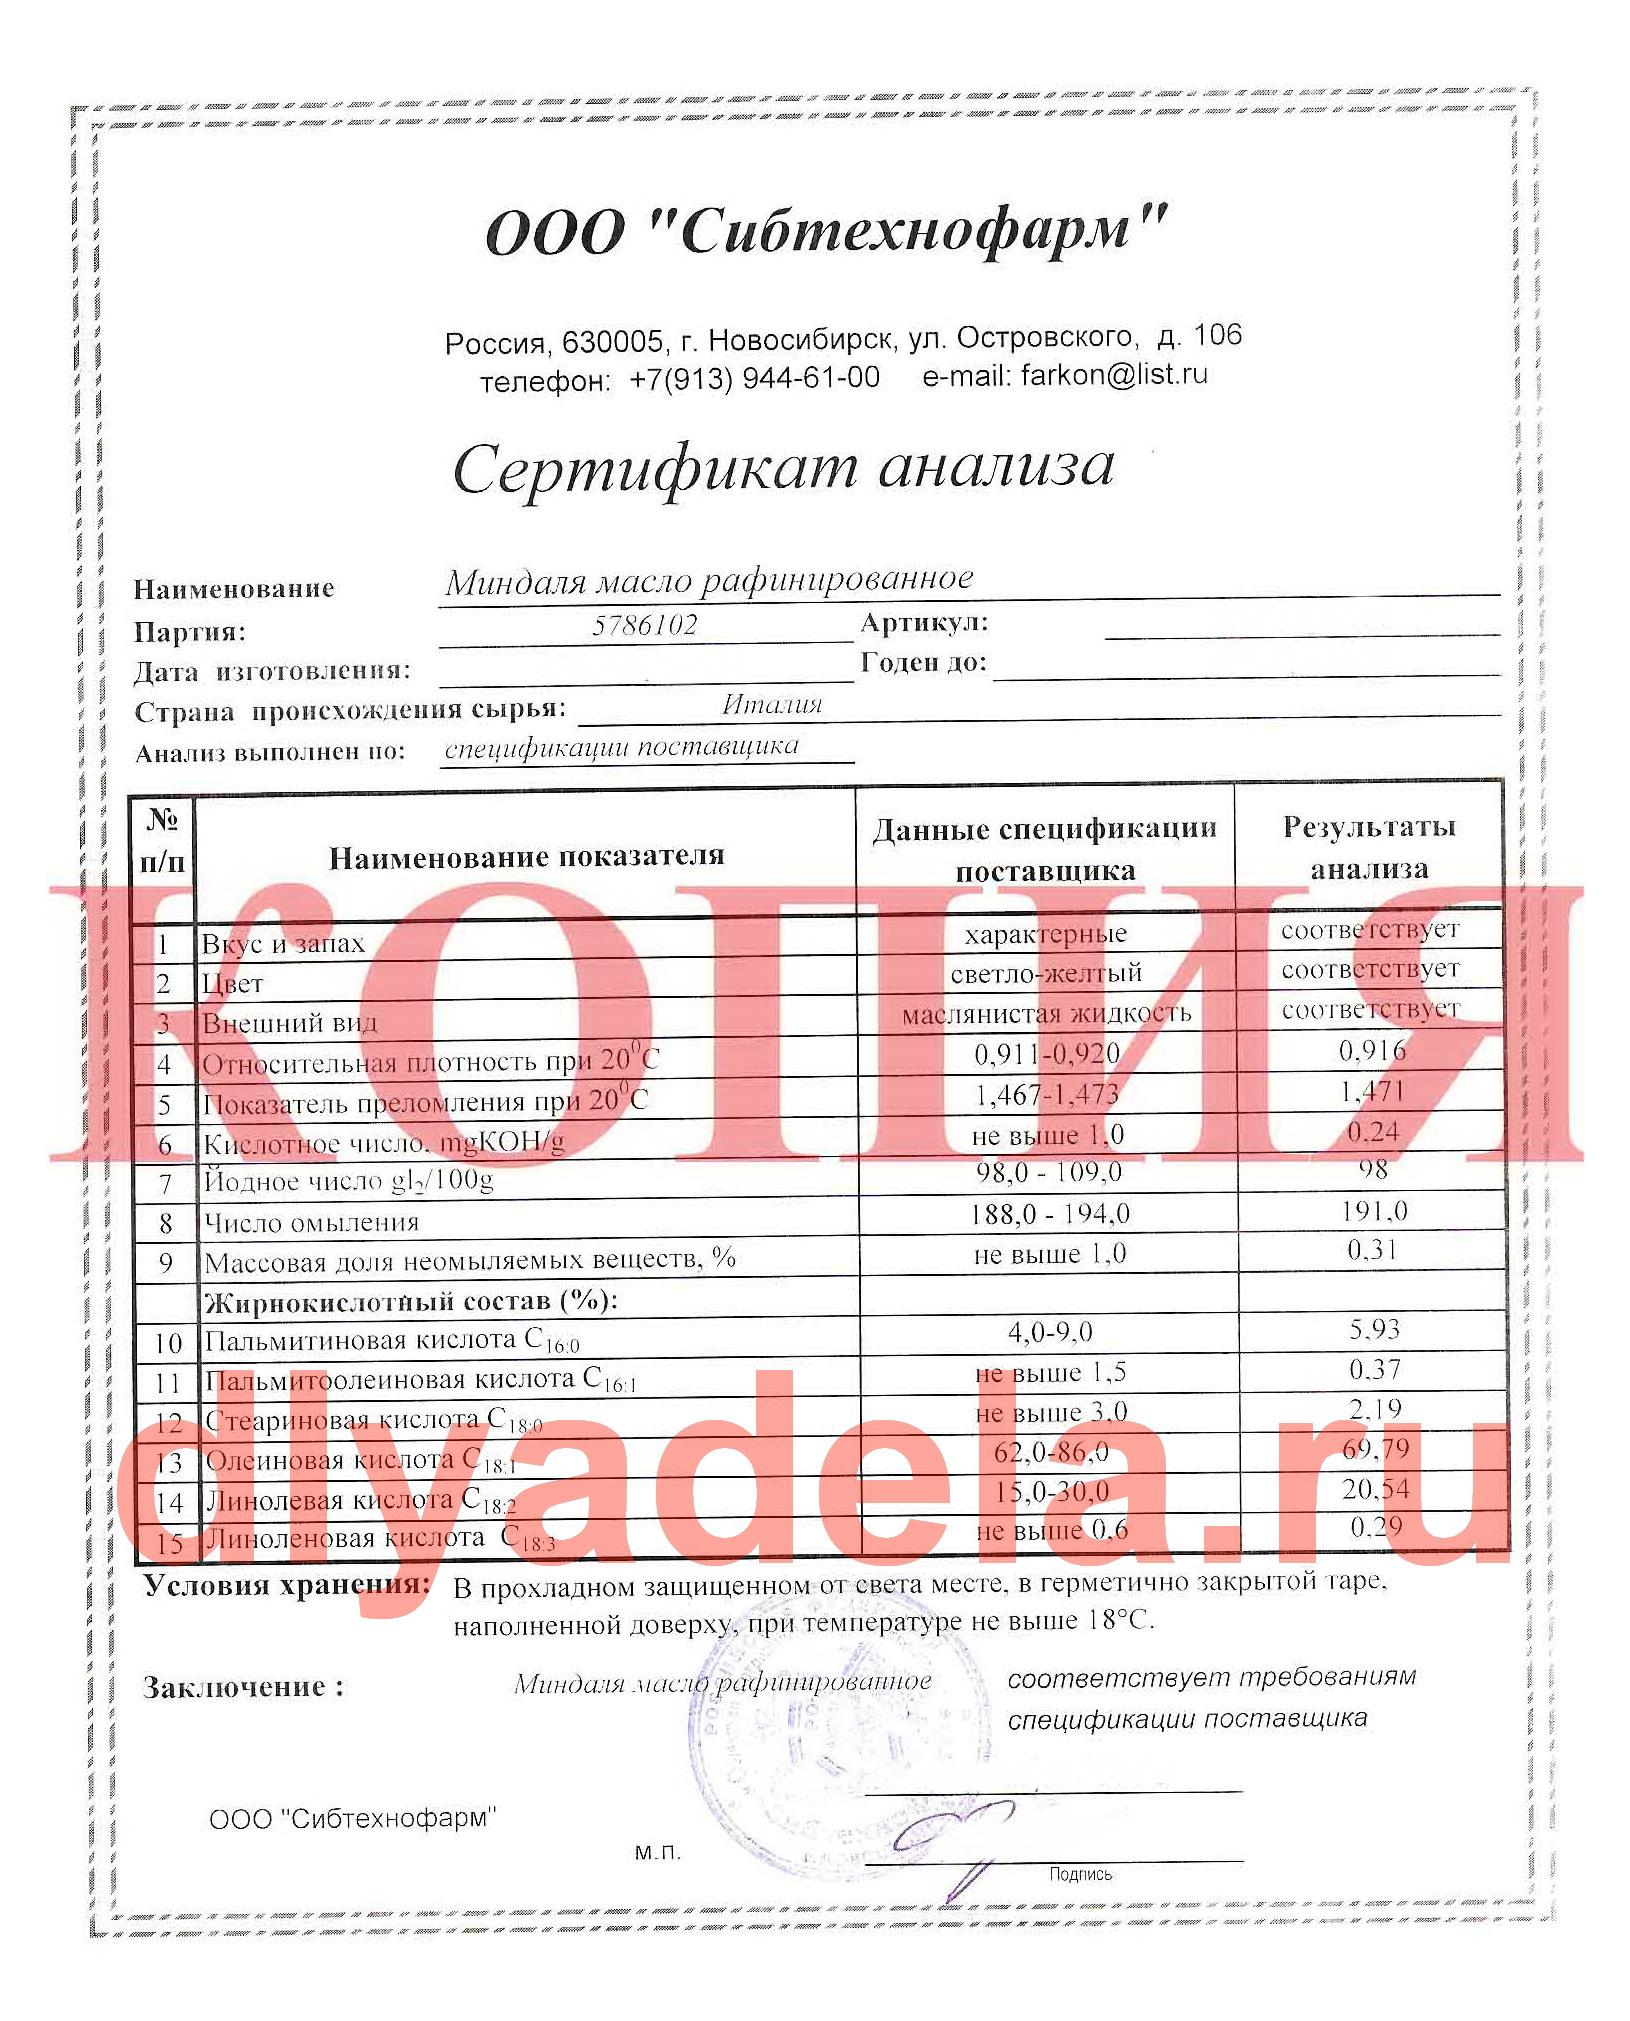 Сертификат анализа миндаля масла